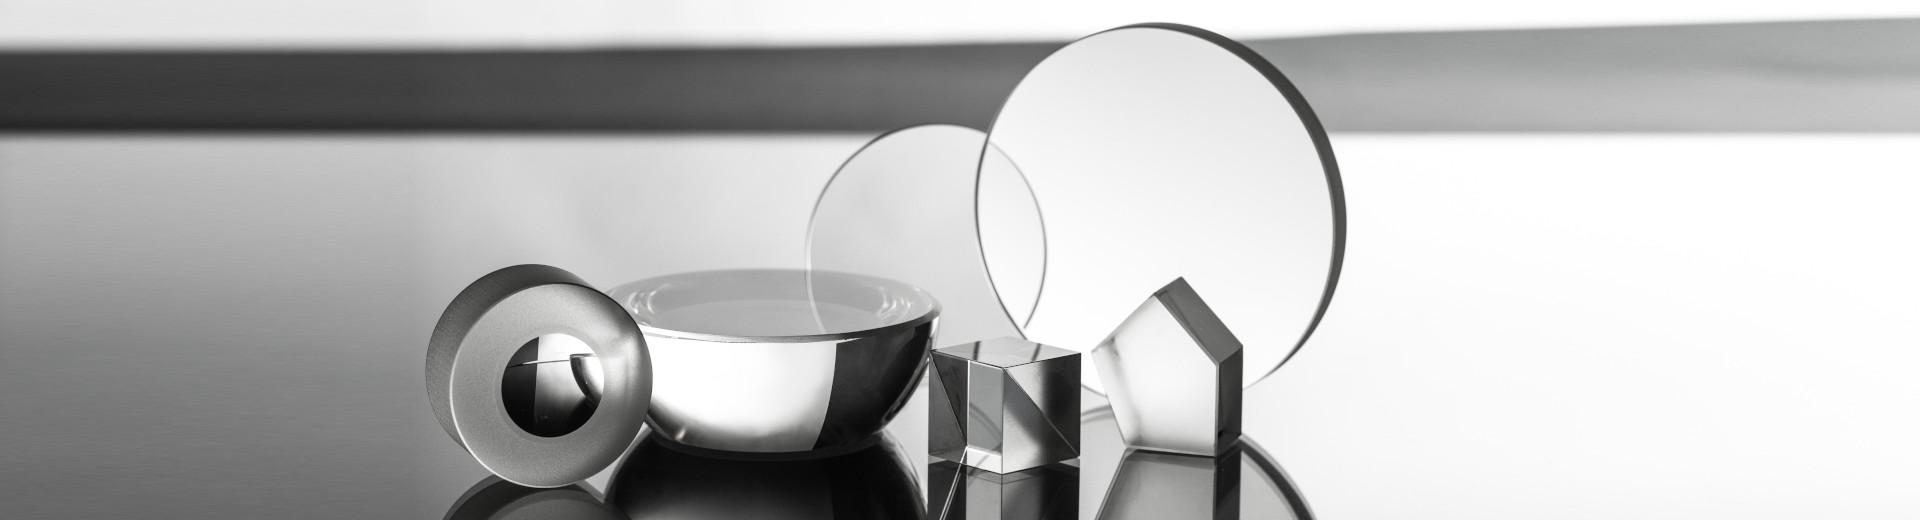 Componenti ottici di precisione